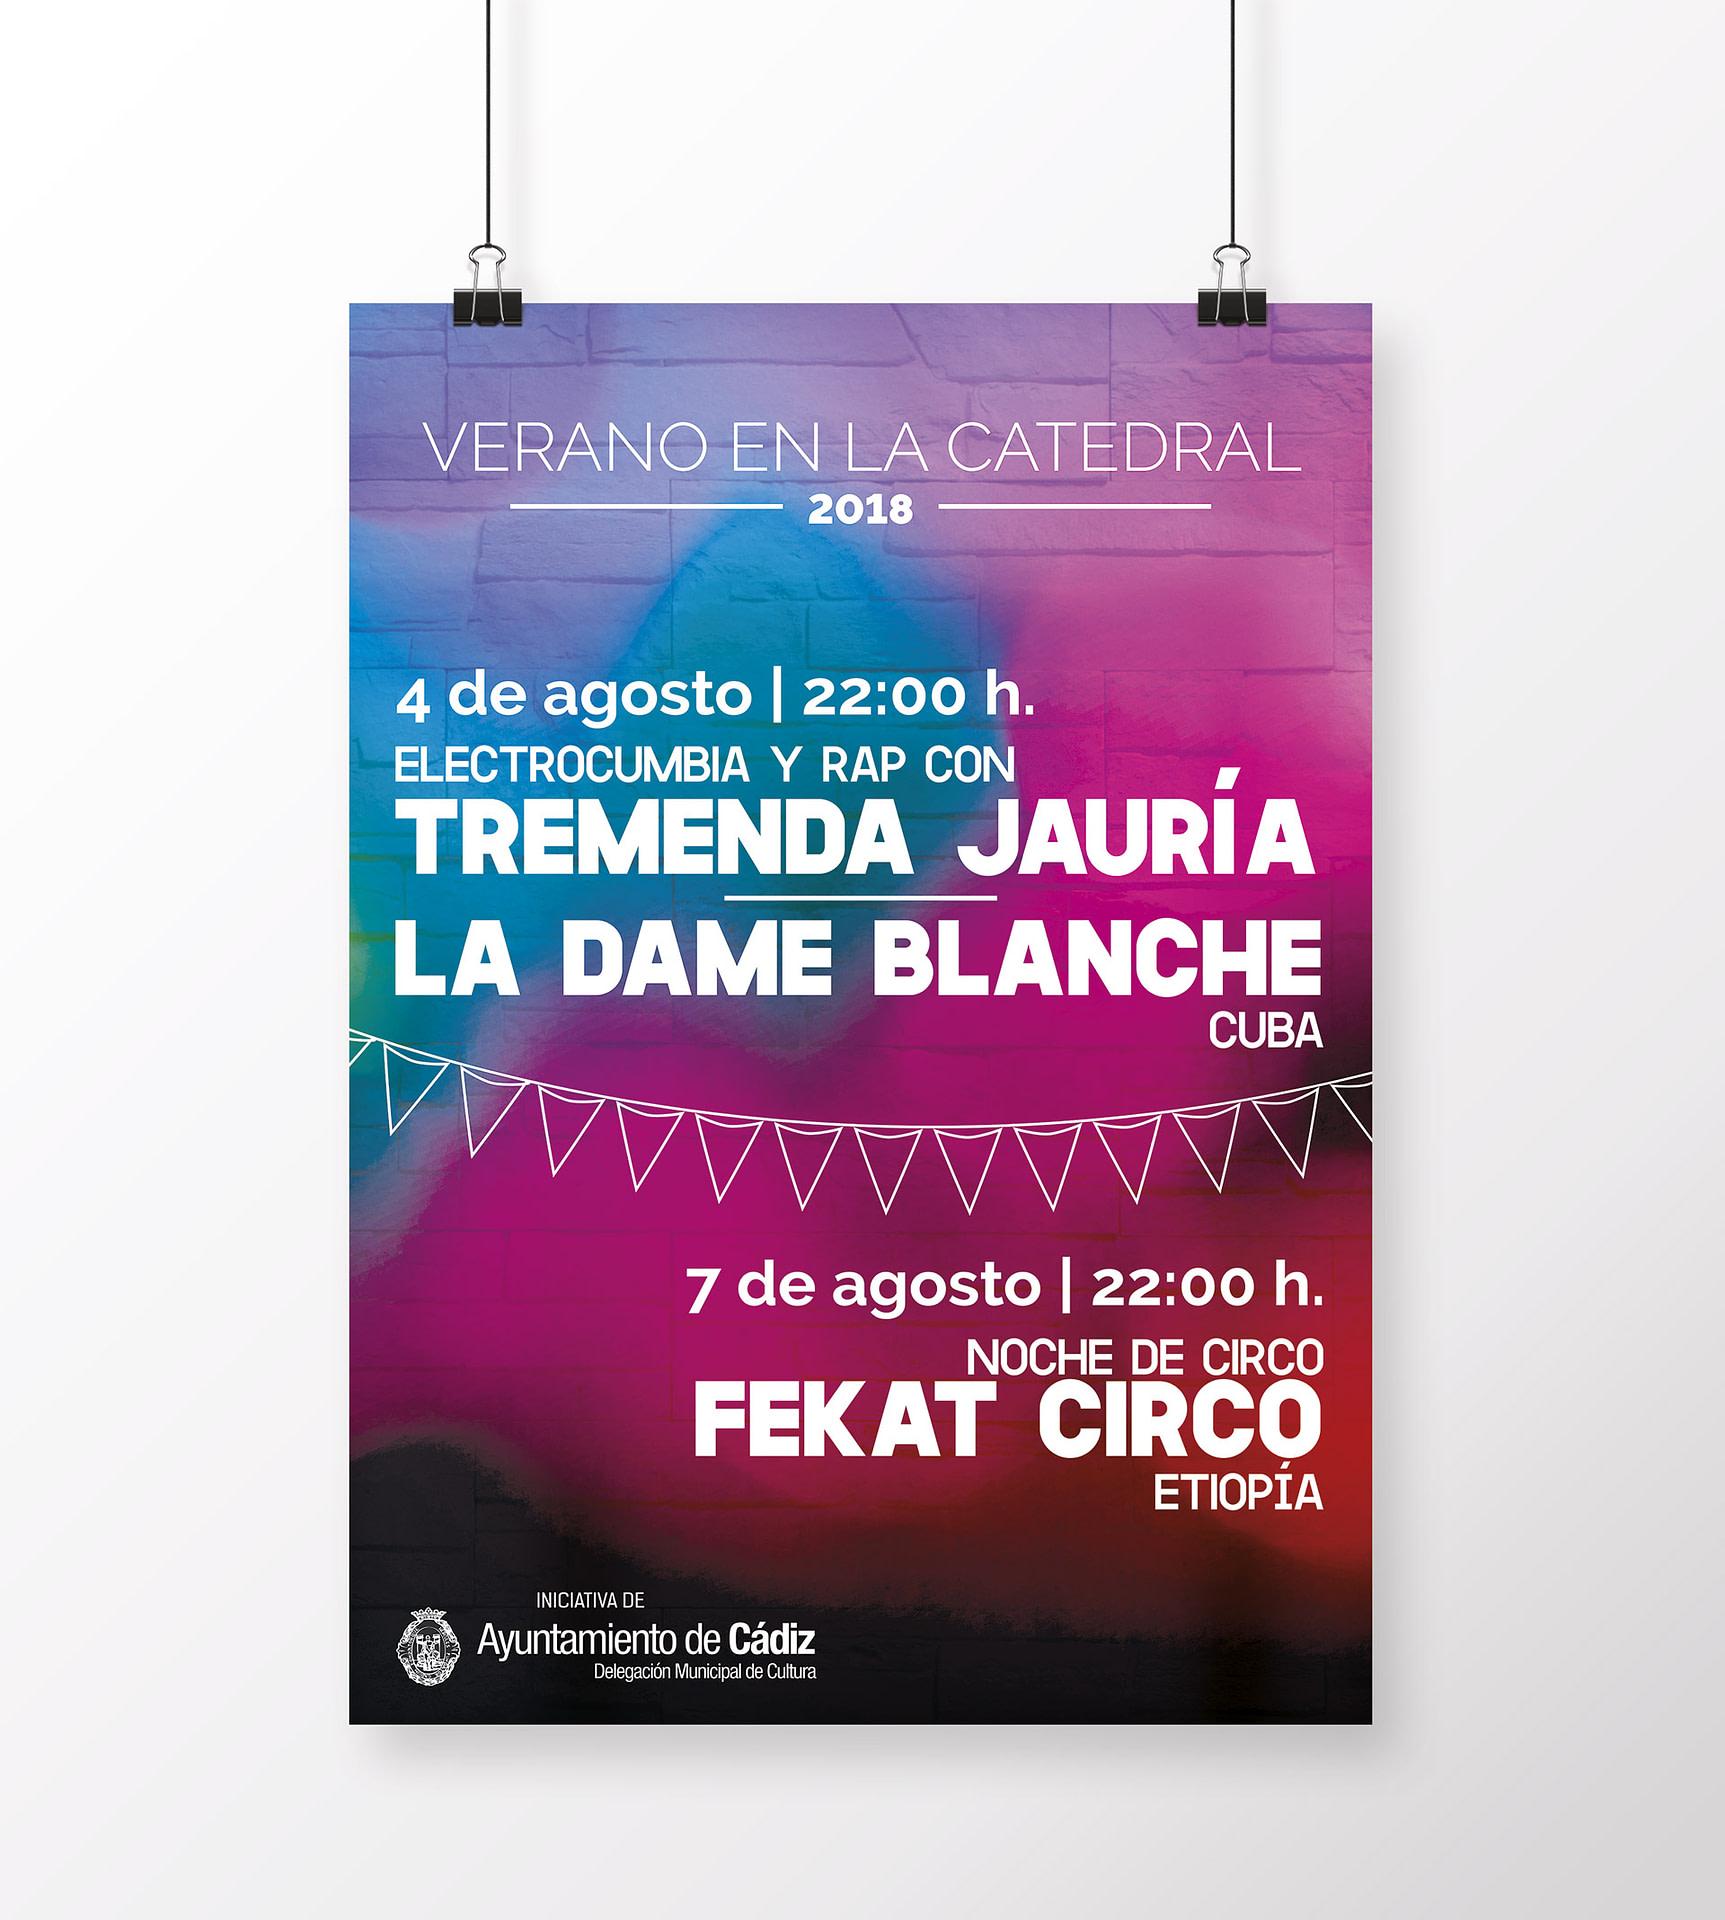 Cartel - campaña de publicidad - Verano en la Catedral 2018